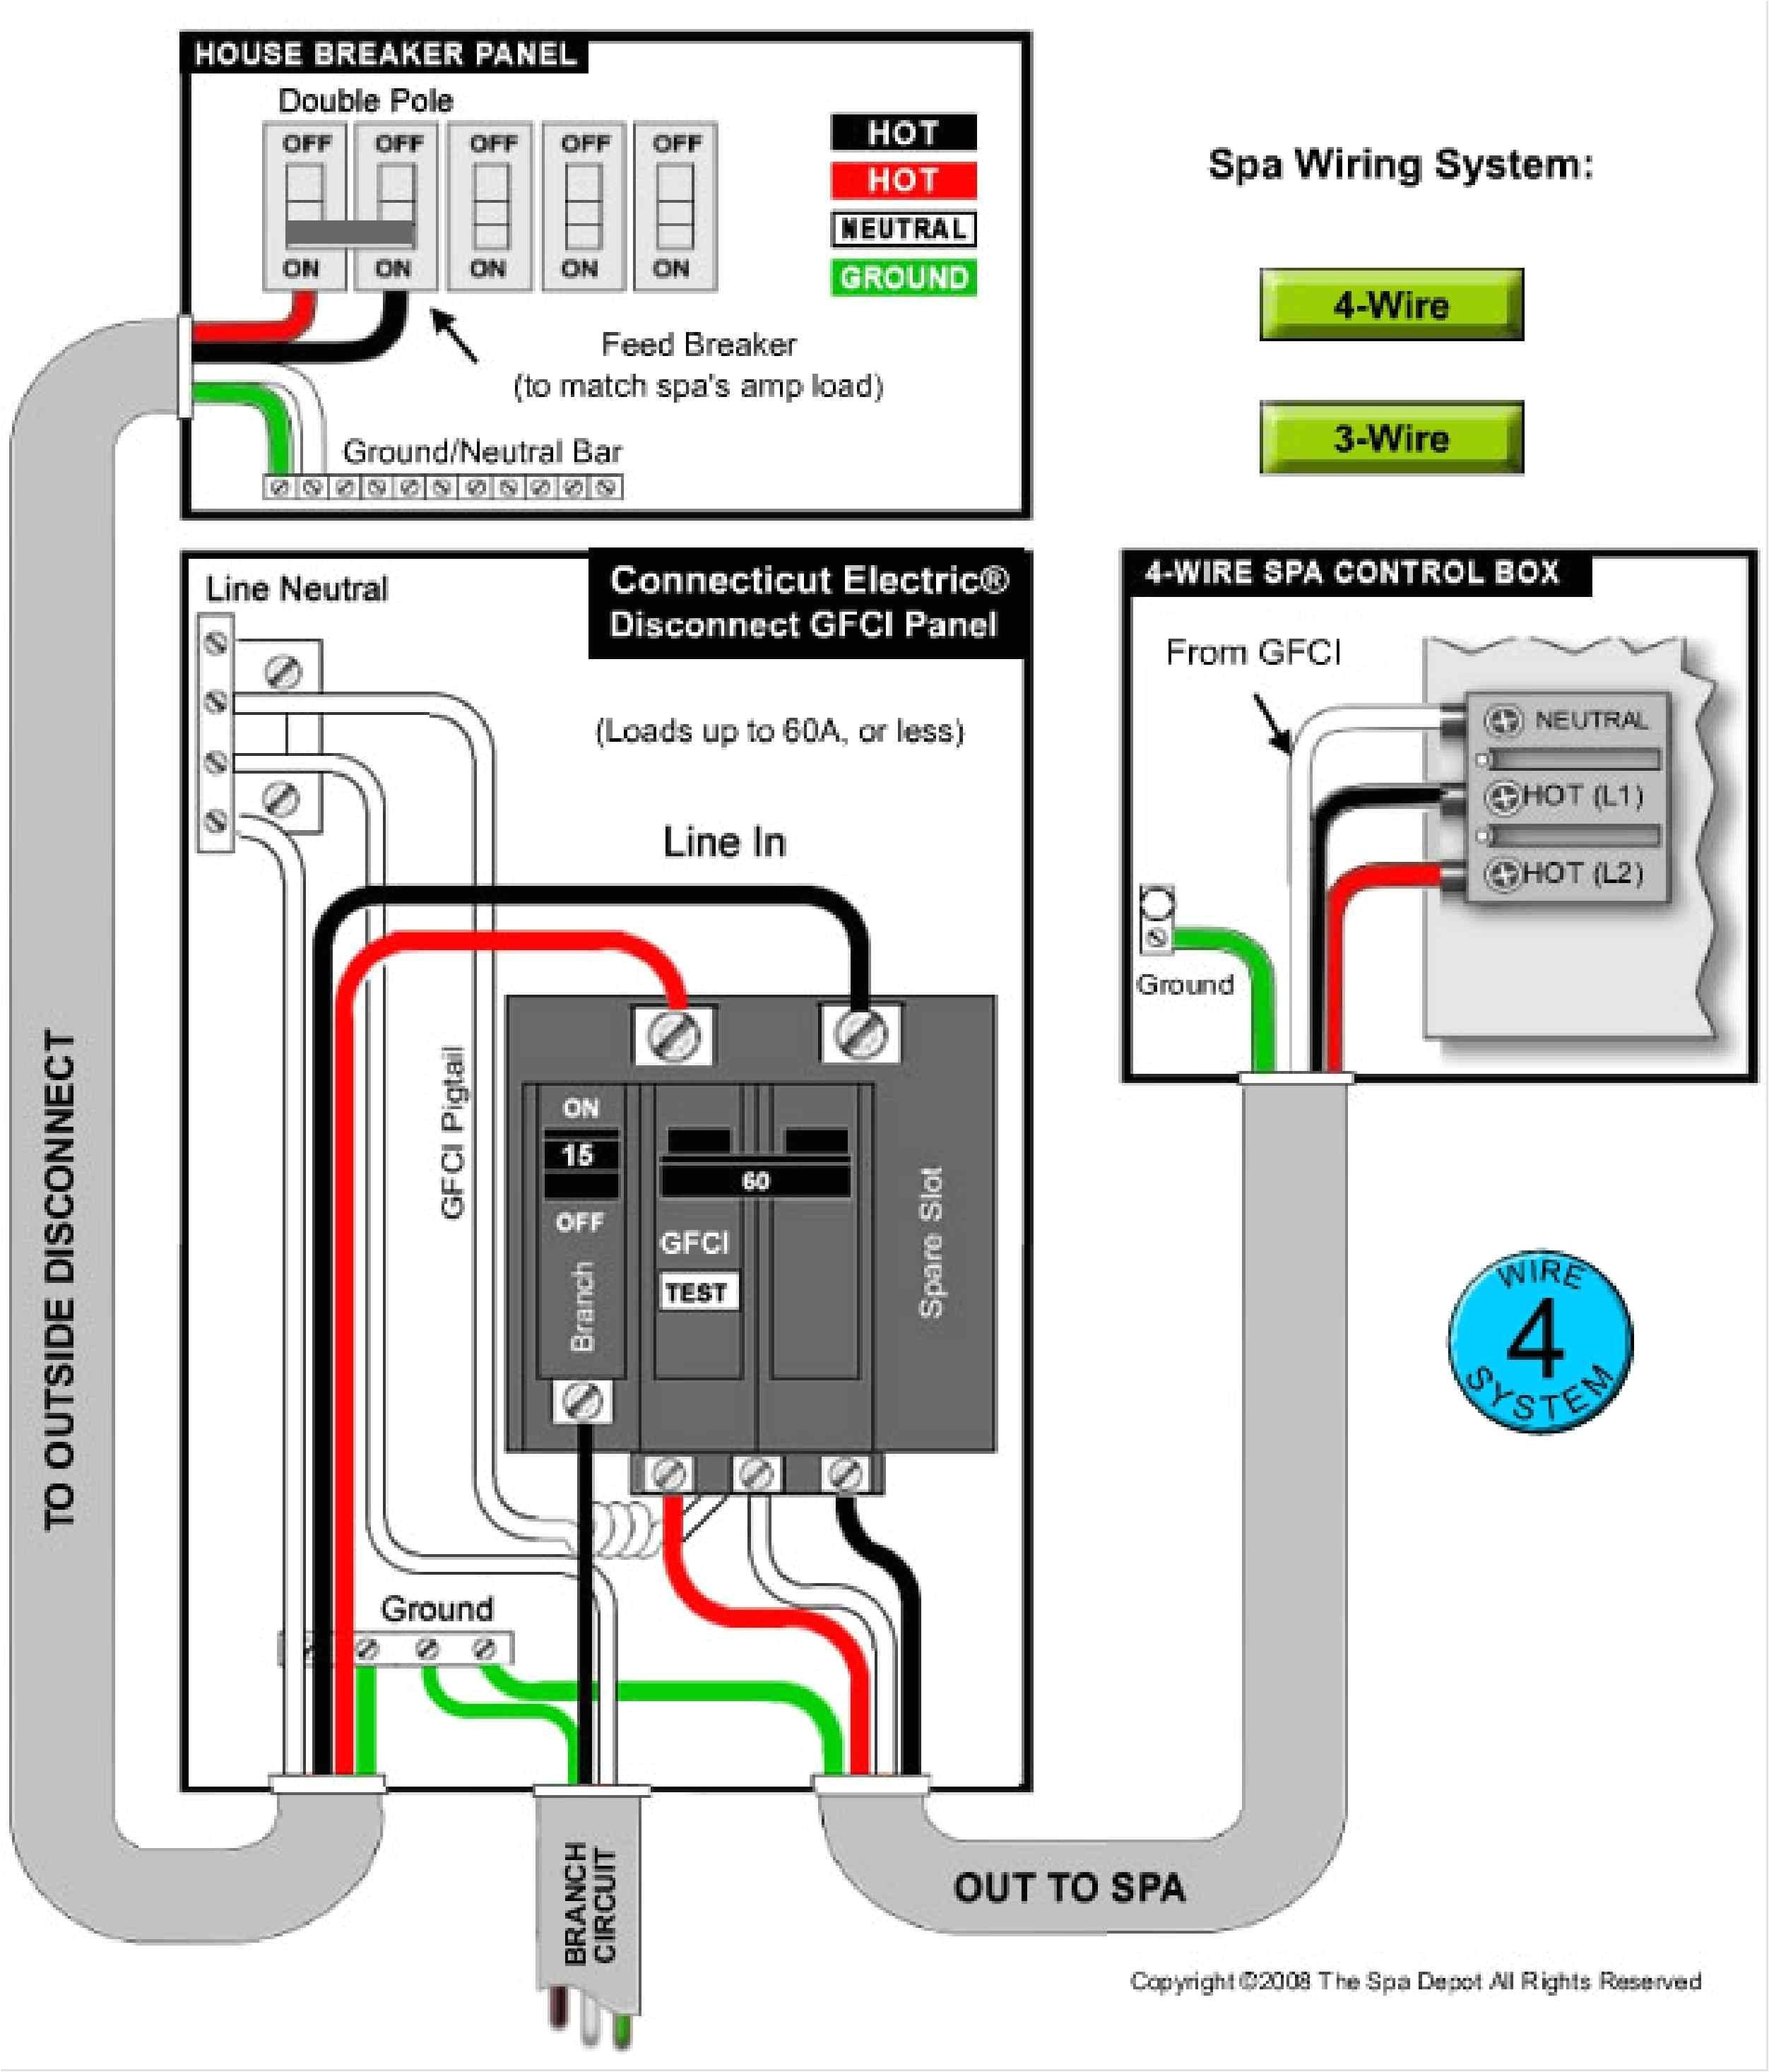 spa 220 wiring diagram wiring diagram home 2b1 wiring diagram repair manual